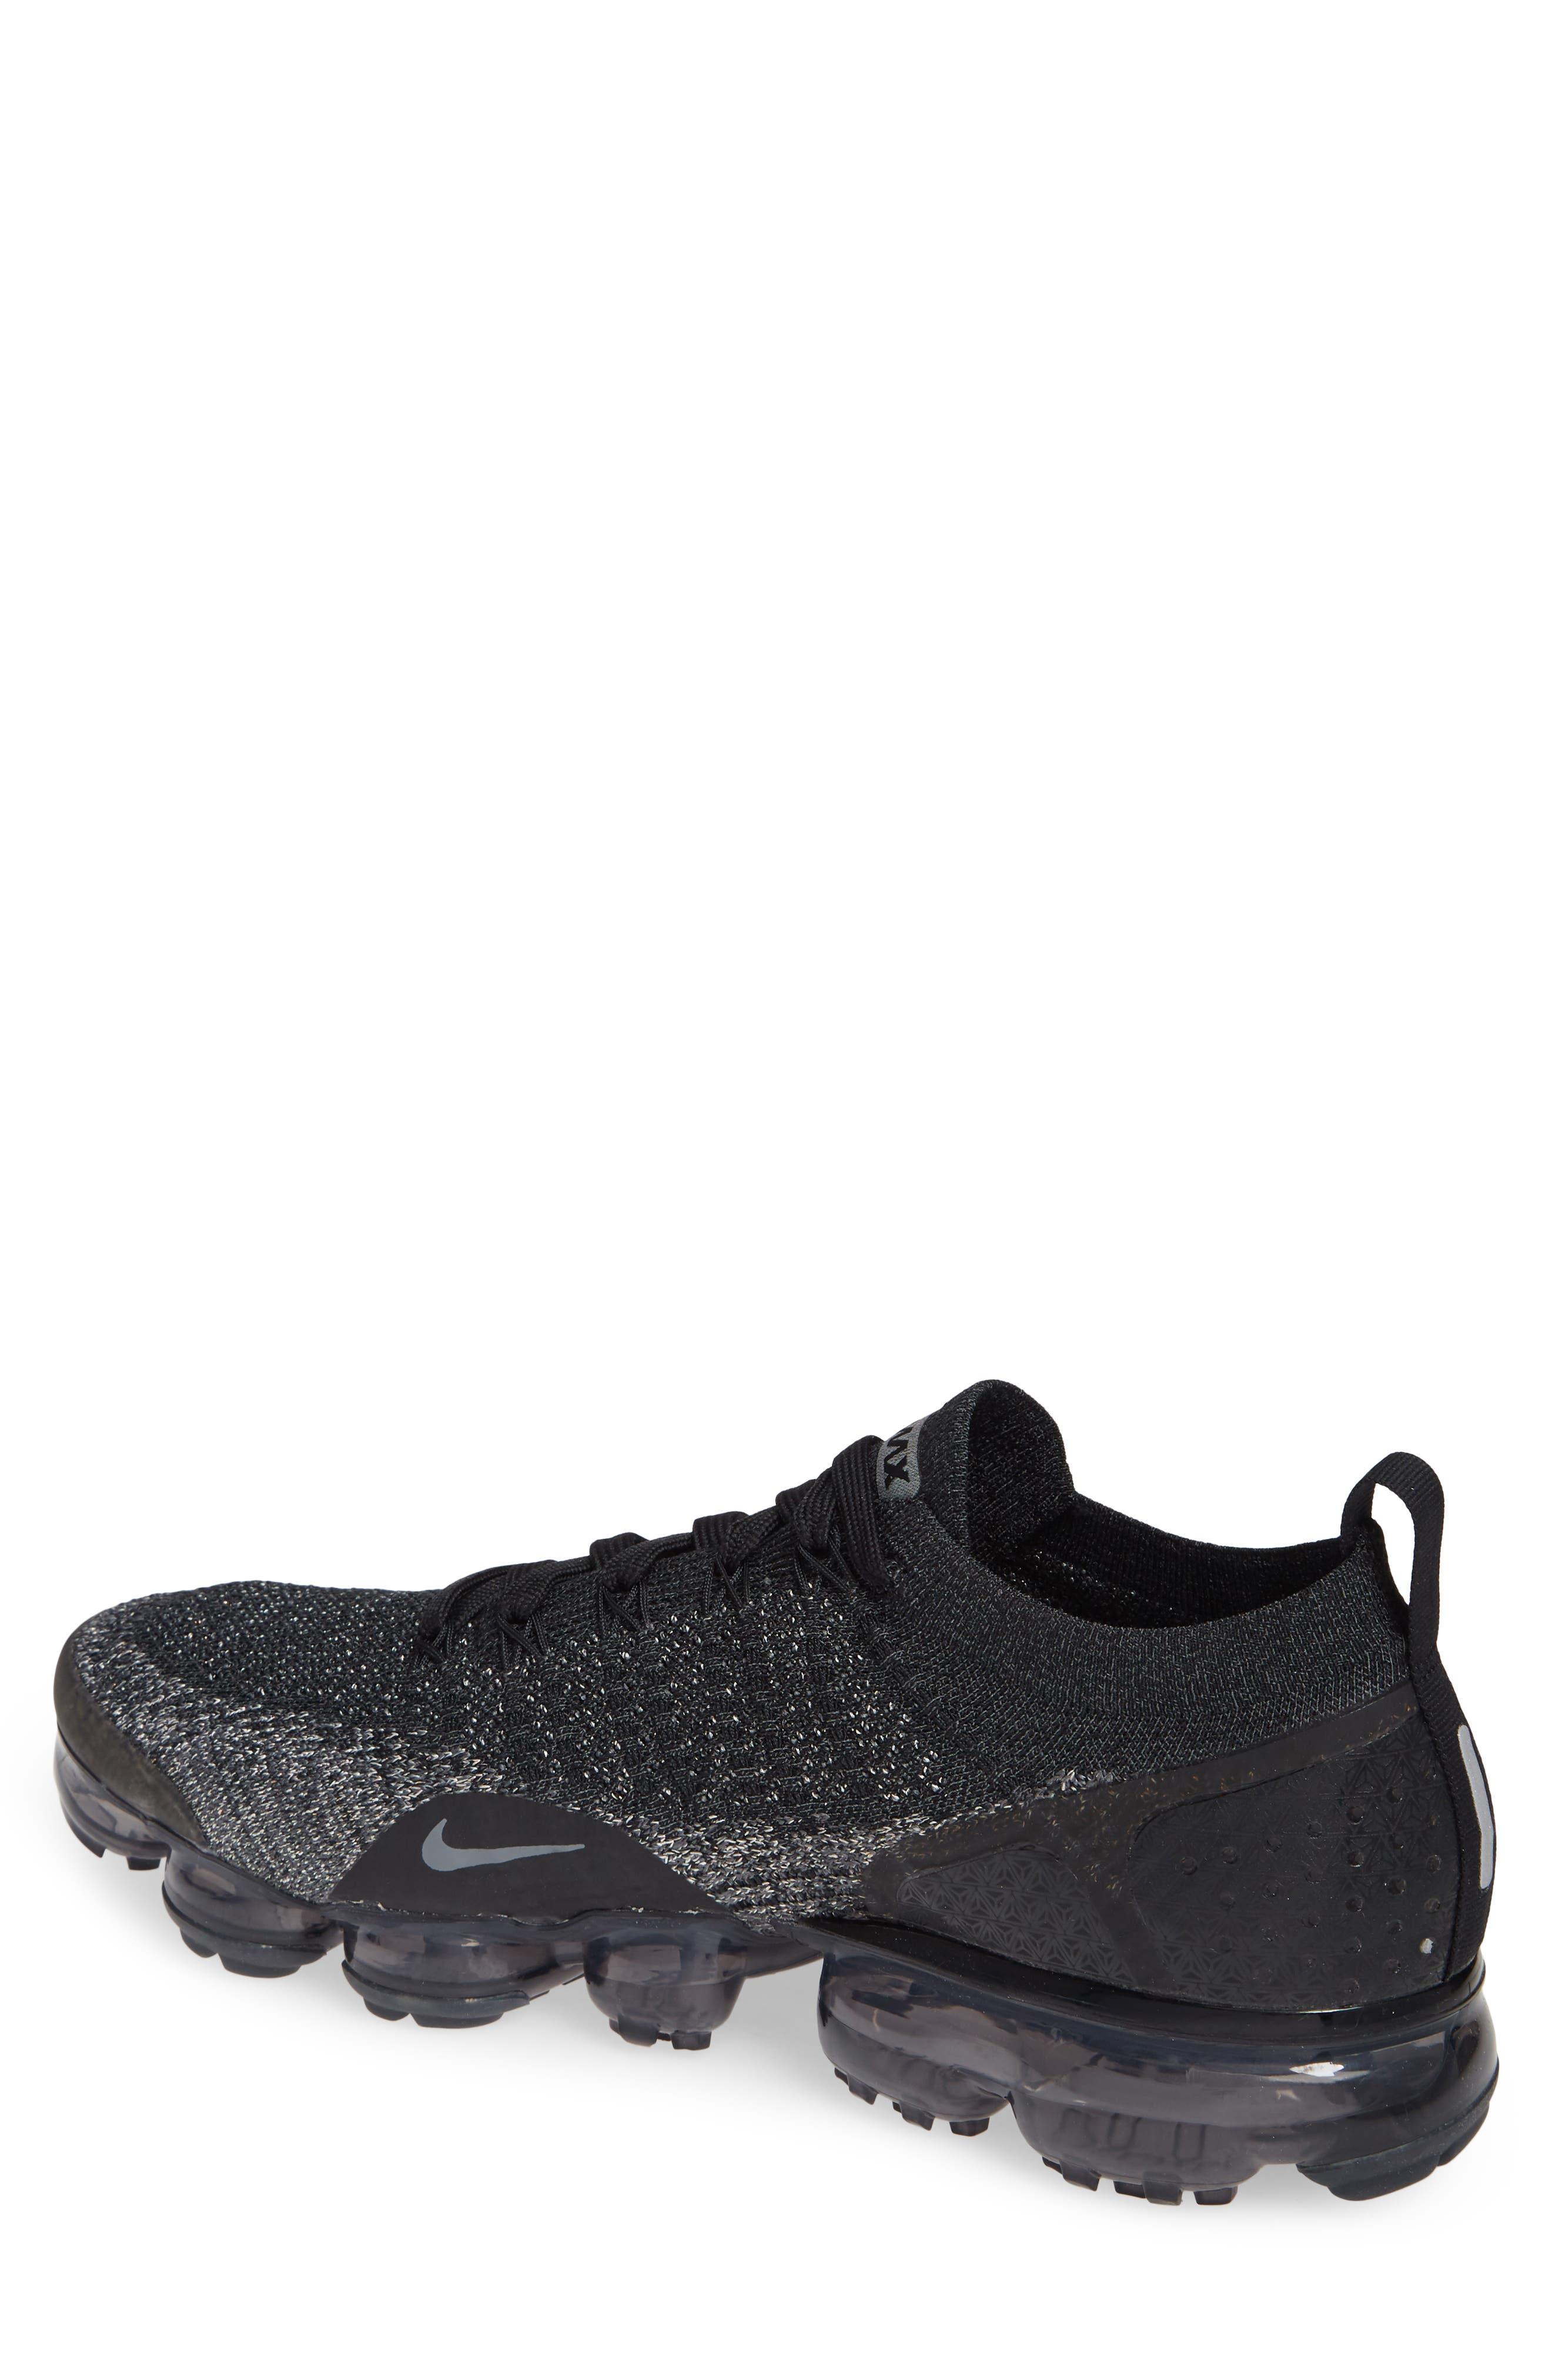 2bfa0f6a504b Nike Flyknit